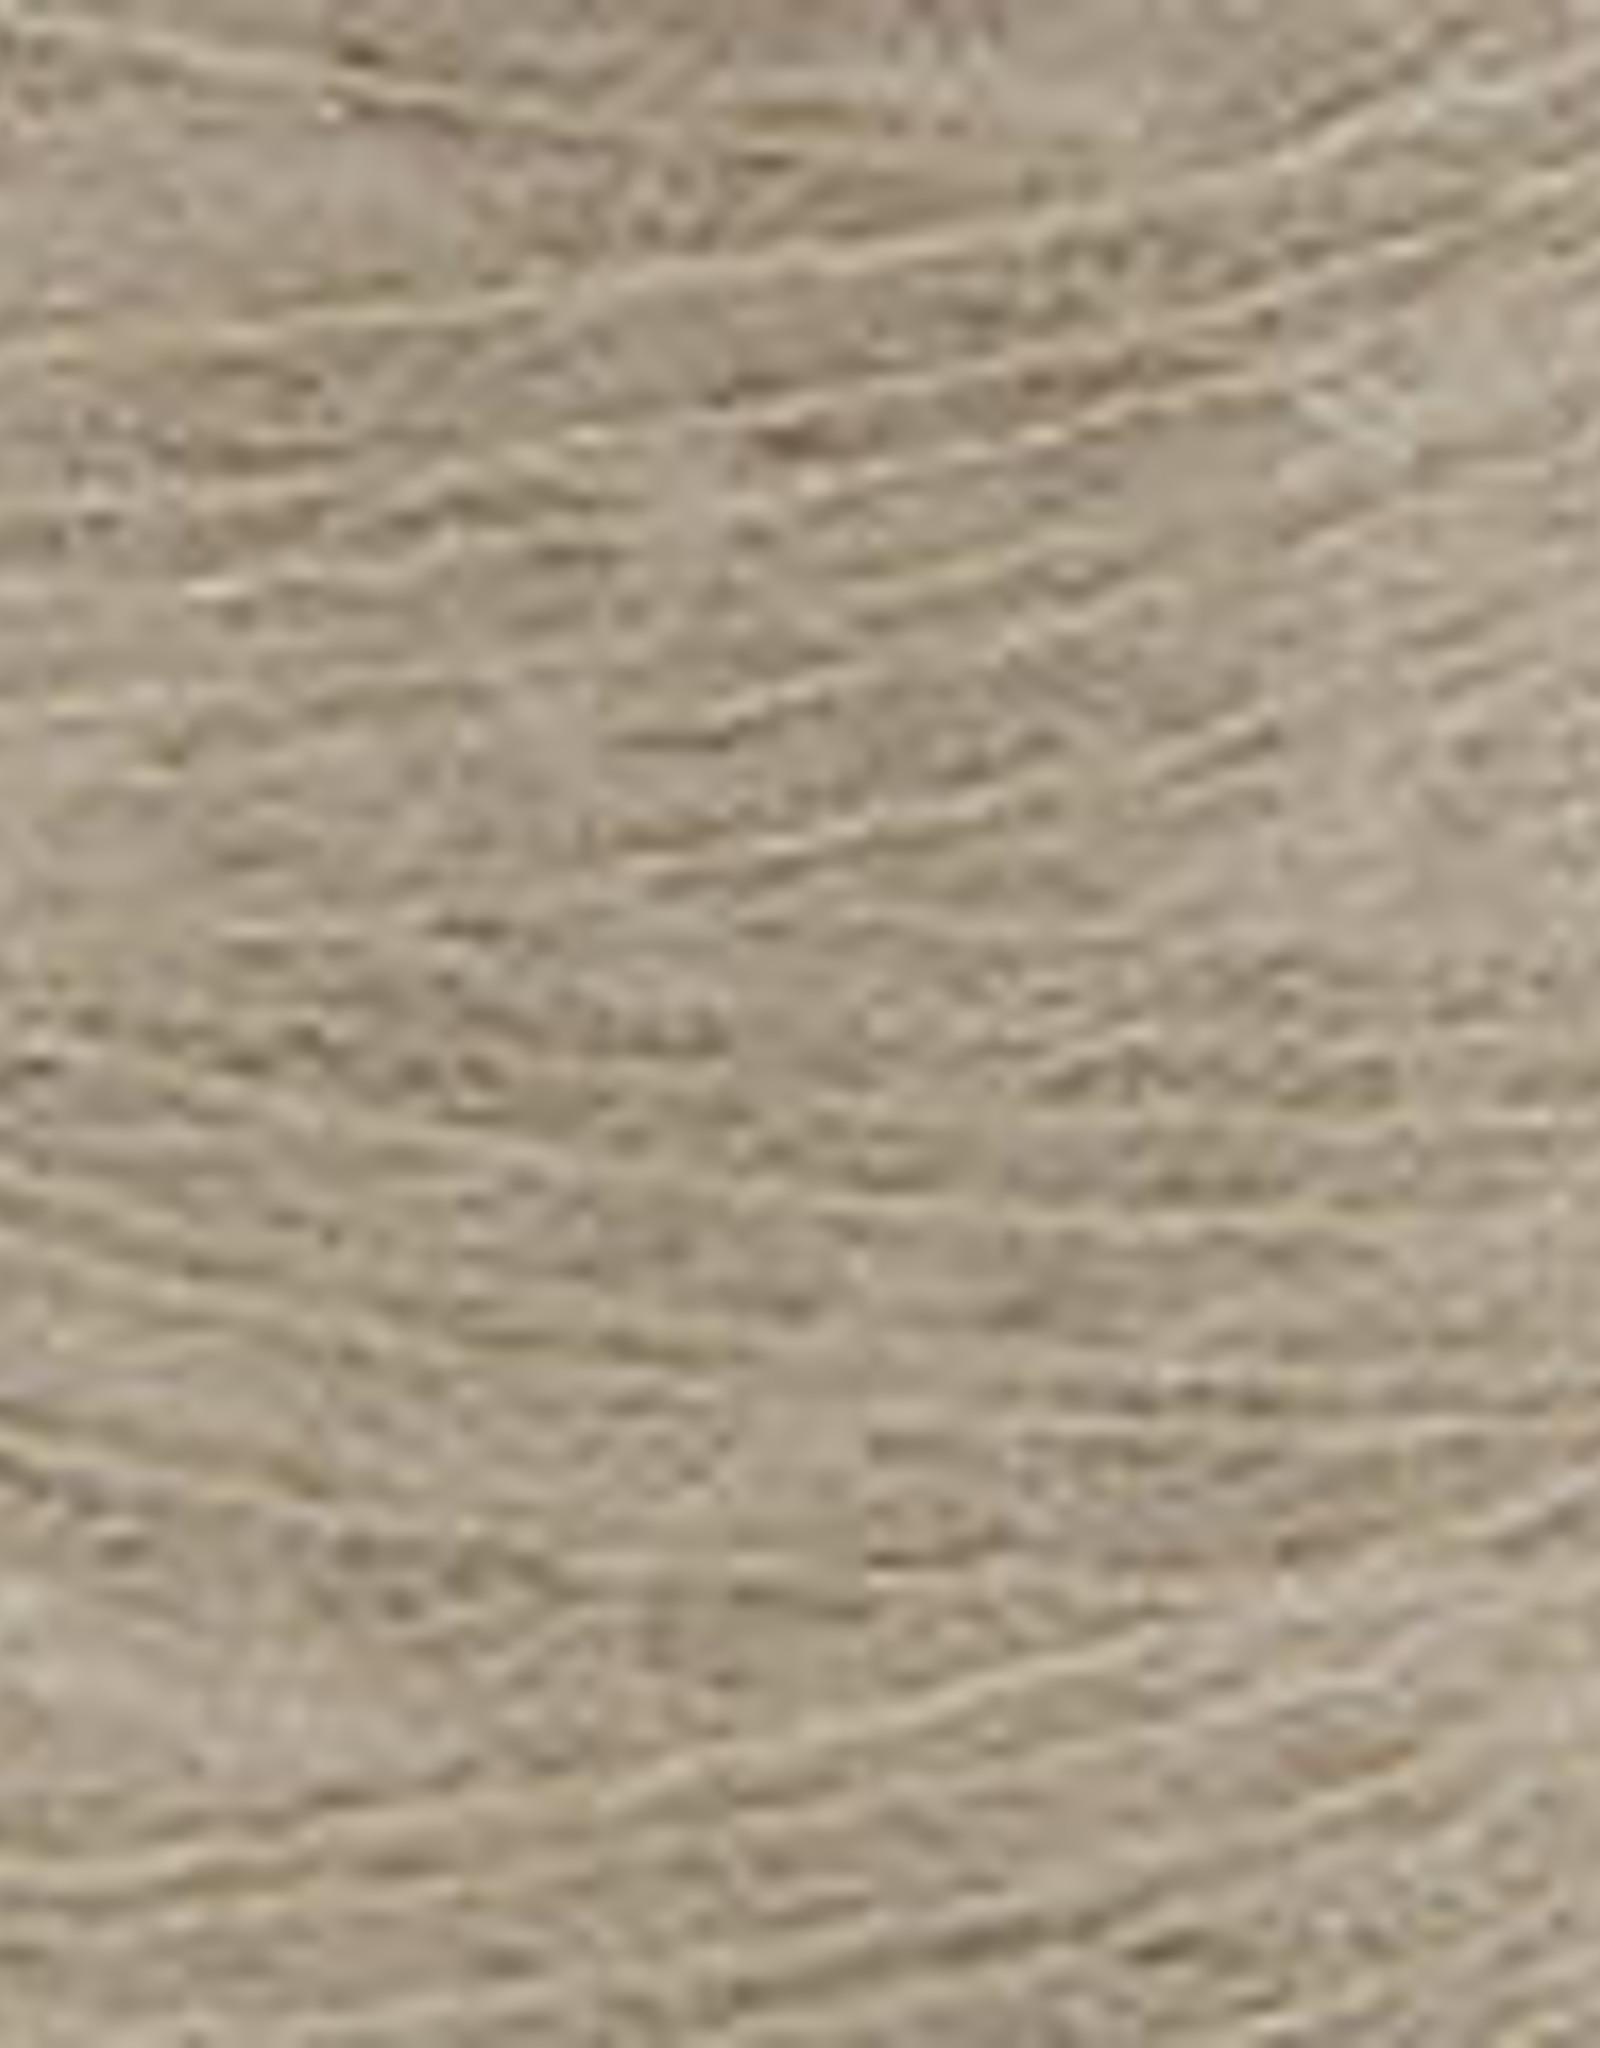 Katia Katia  50 MOHAIR SHADES 11 zeer licht bleekrood